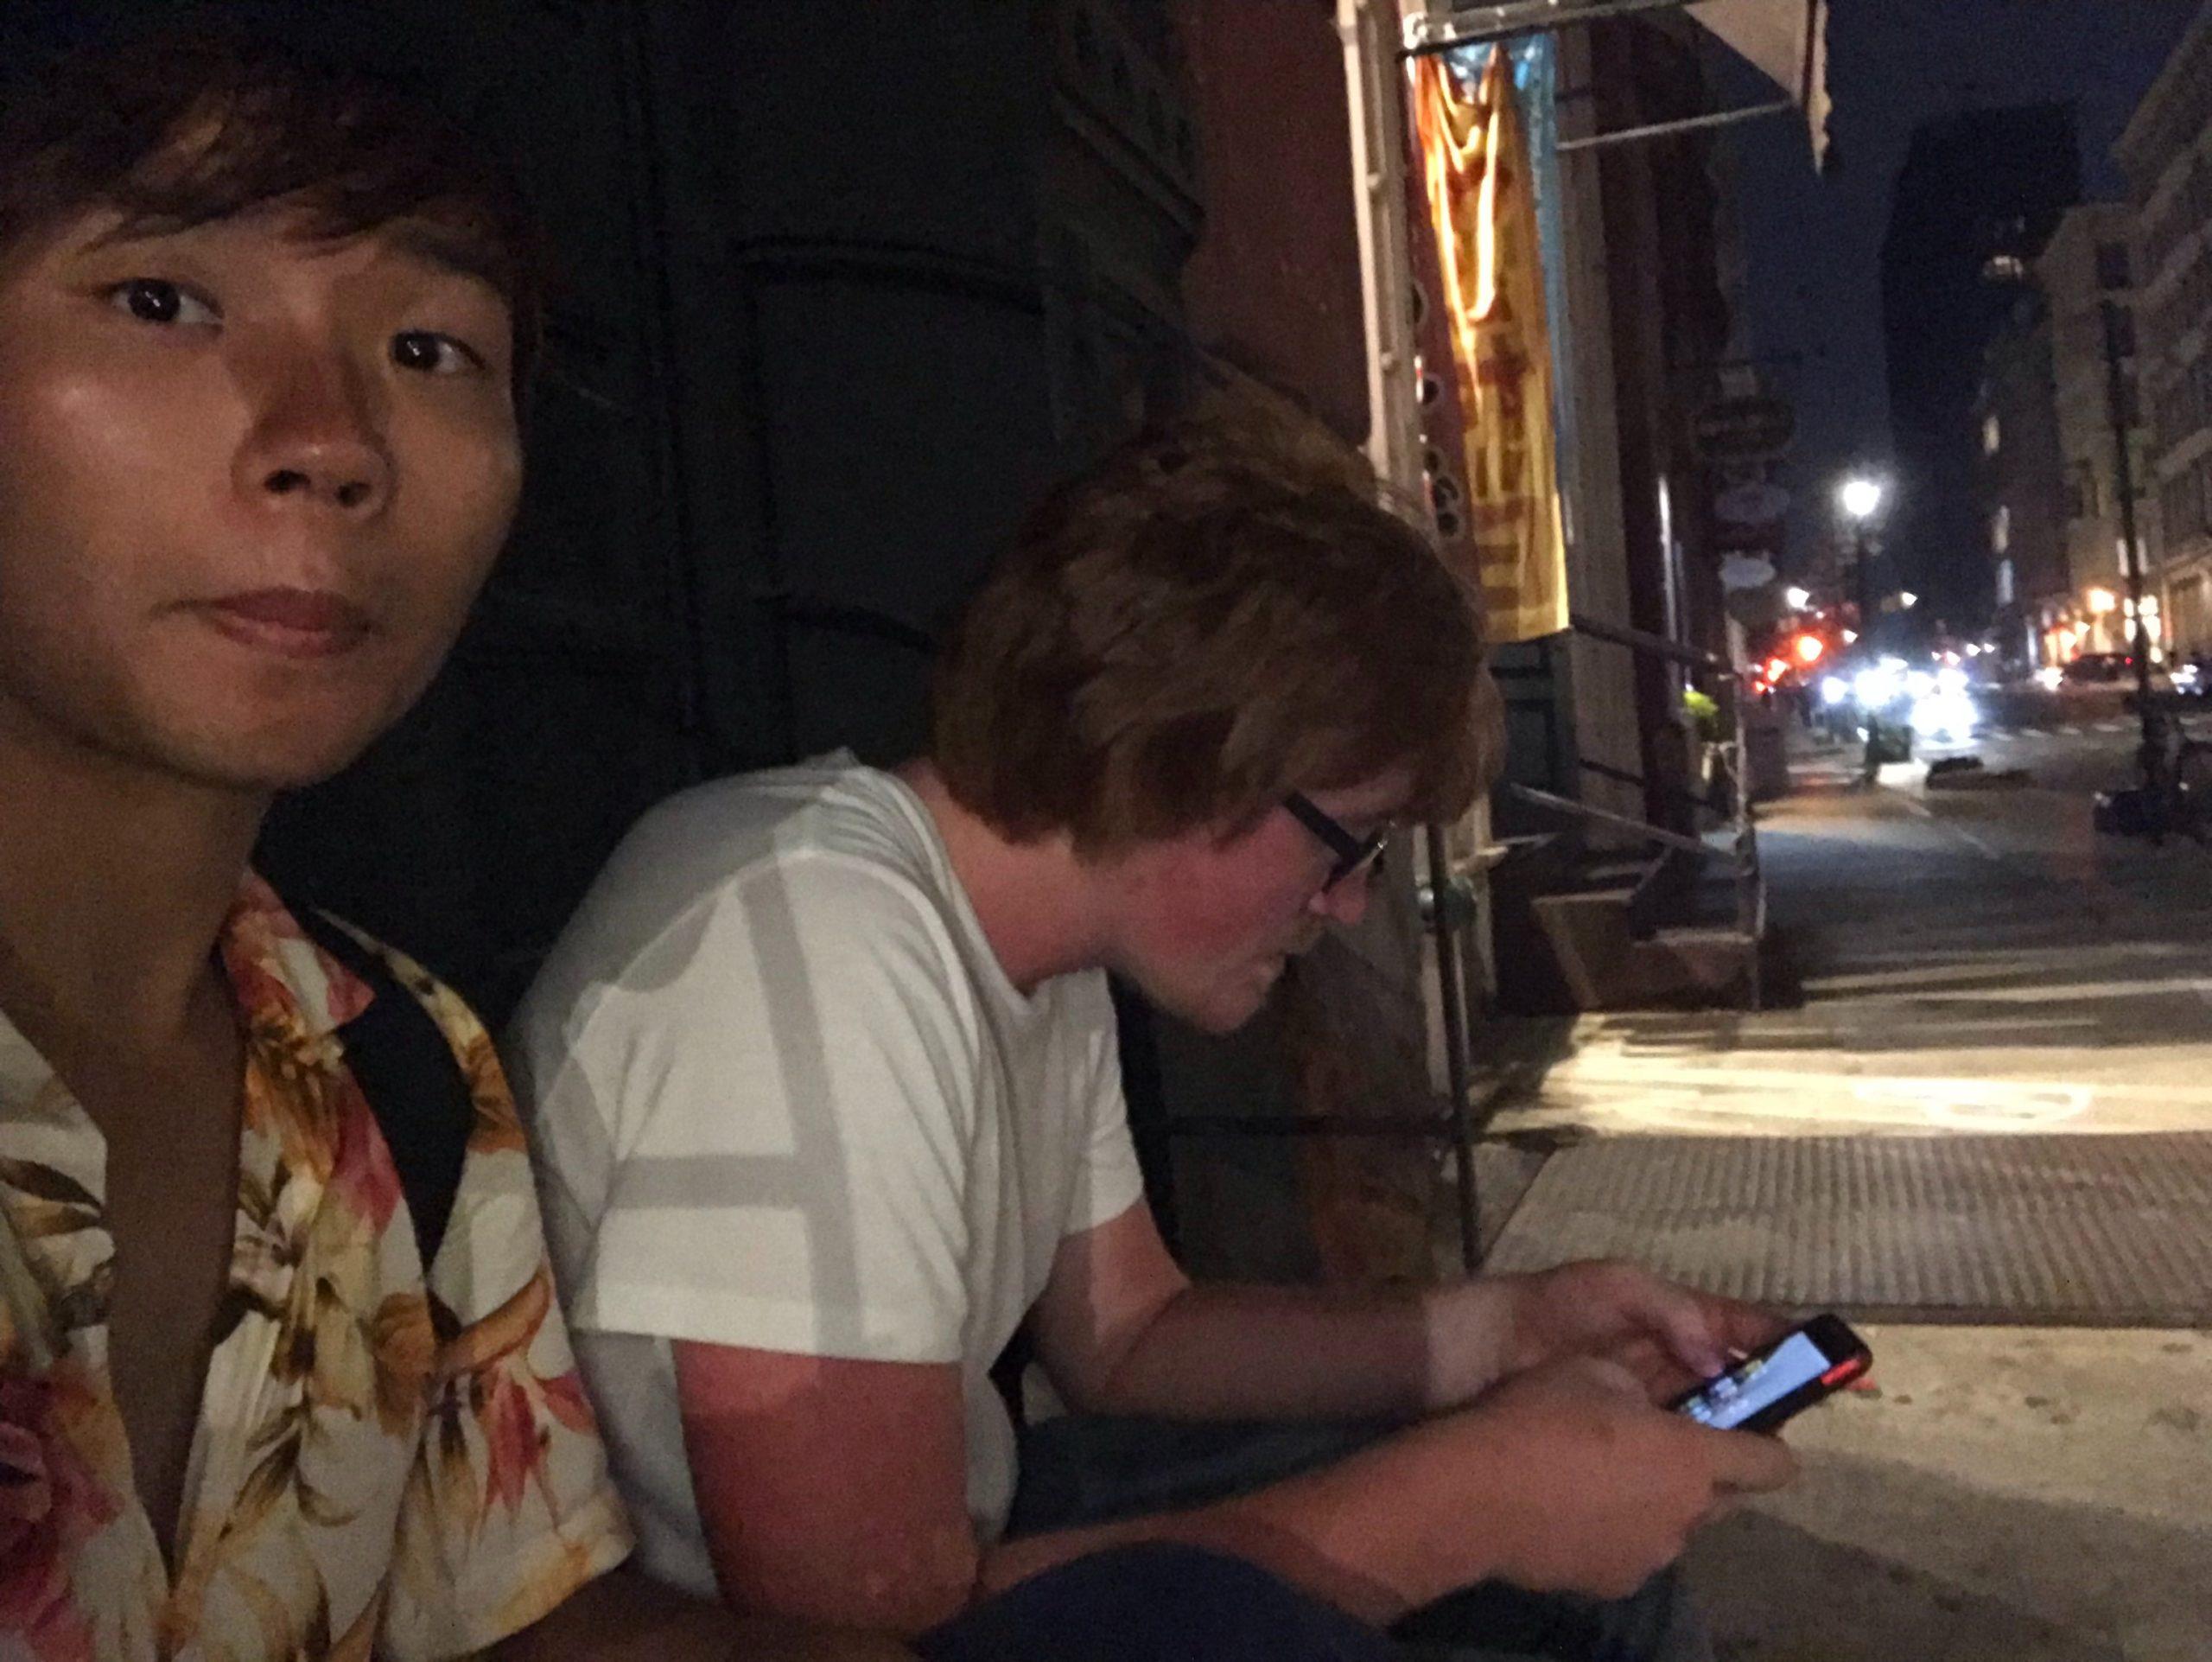 アメリカ横断した話、NYの夜の街を歩いた写真